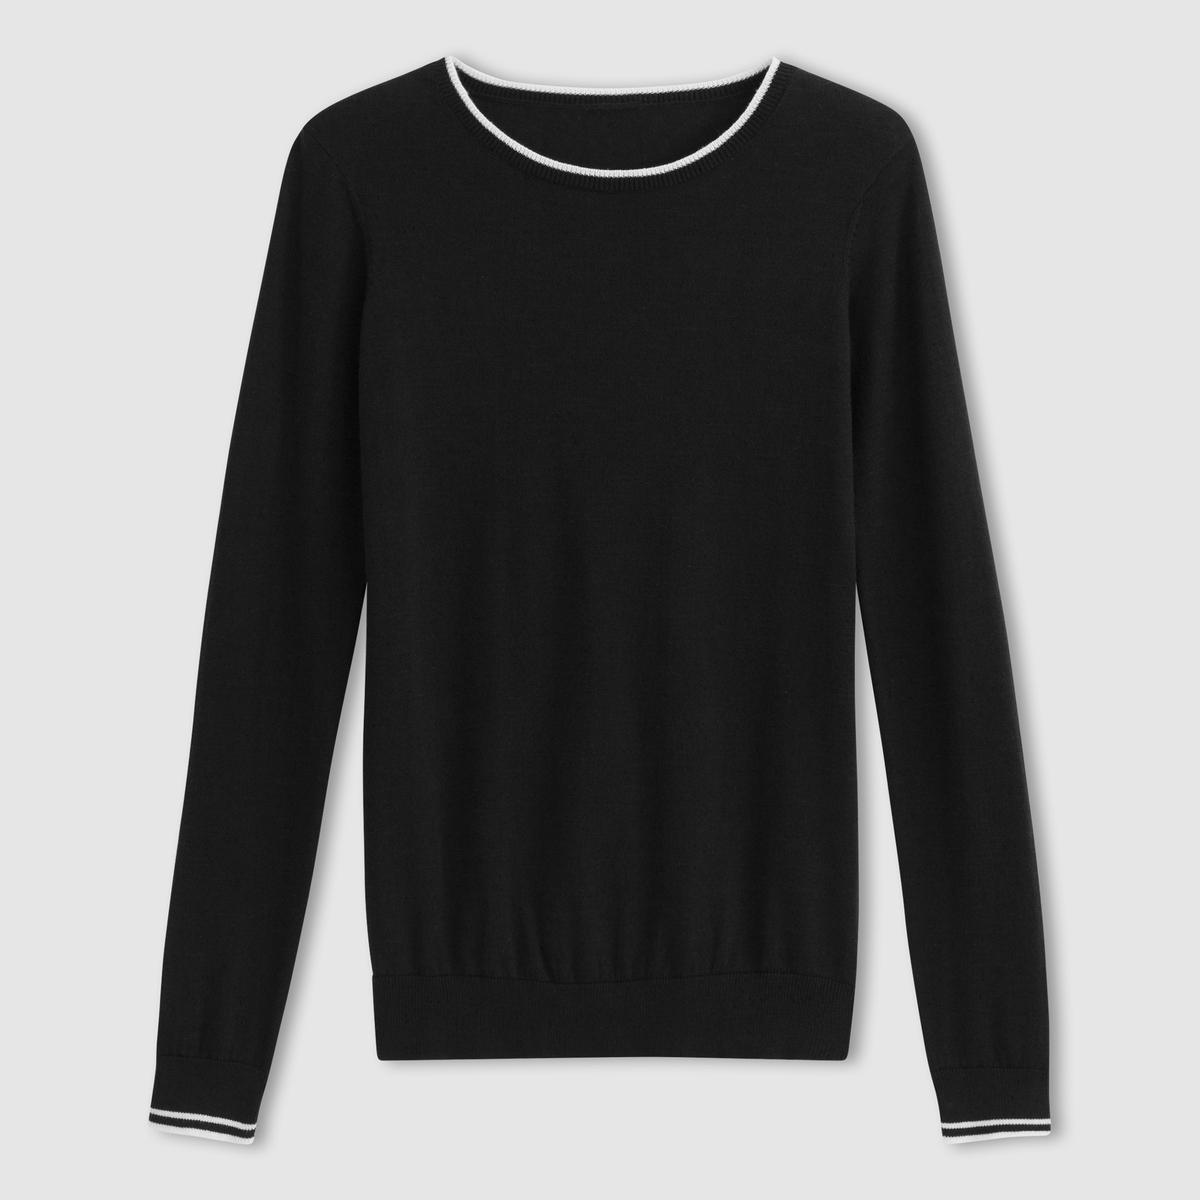 Пуловер, 100% хлопка с круглым вырезомПуловер . 100% хлопка . Длинные рукава . Круглый вырез . Контрастная отделка воротника и манжет . Длина 64  см .<br><br>Цвет: черный